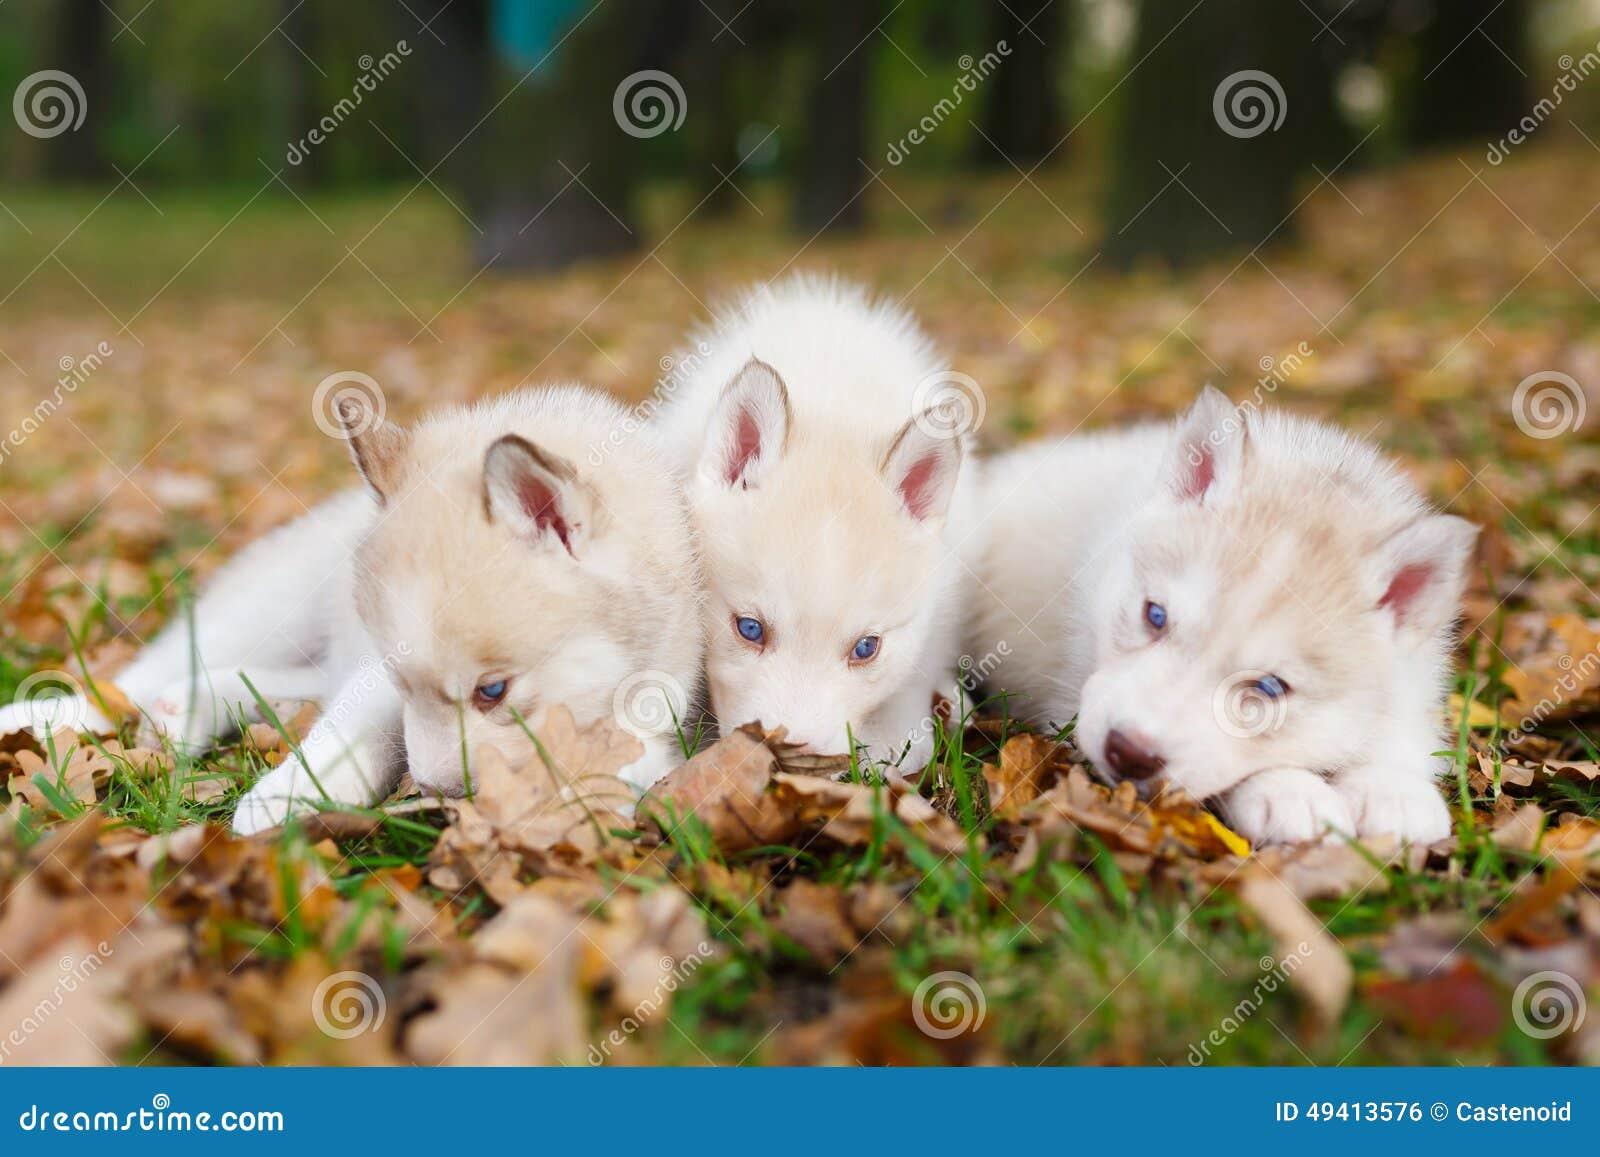 Download Welpe Mit Drei Schlittenhunden Stockfoto - Bild von adorable, hund: 49413576